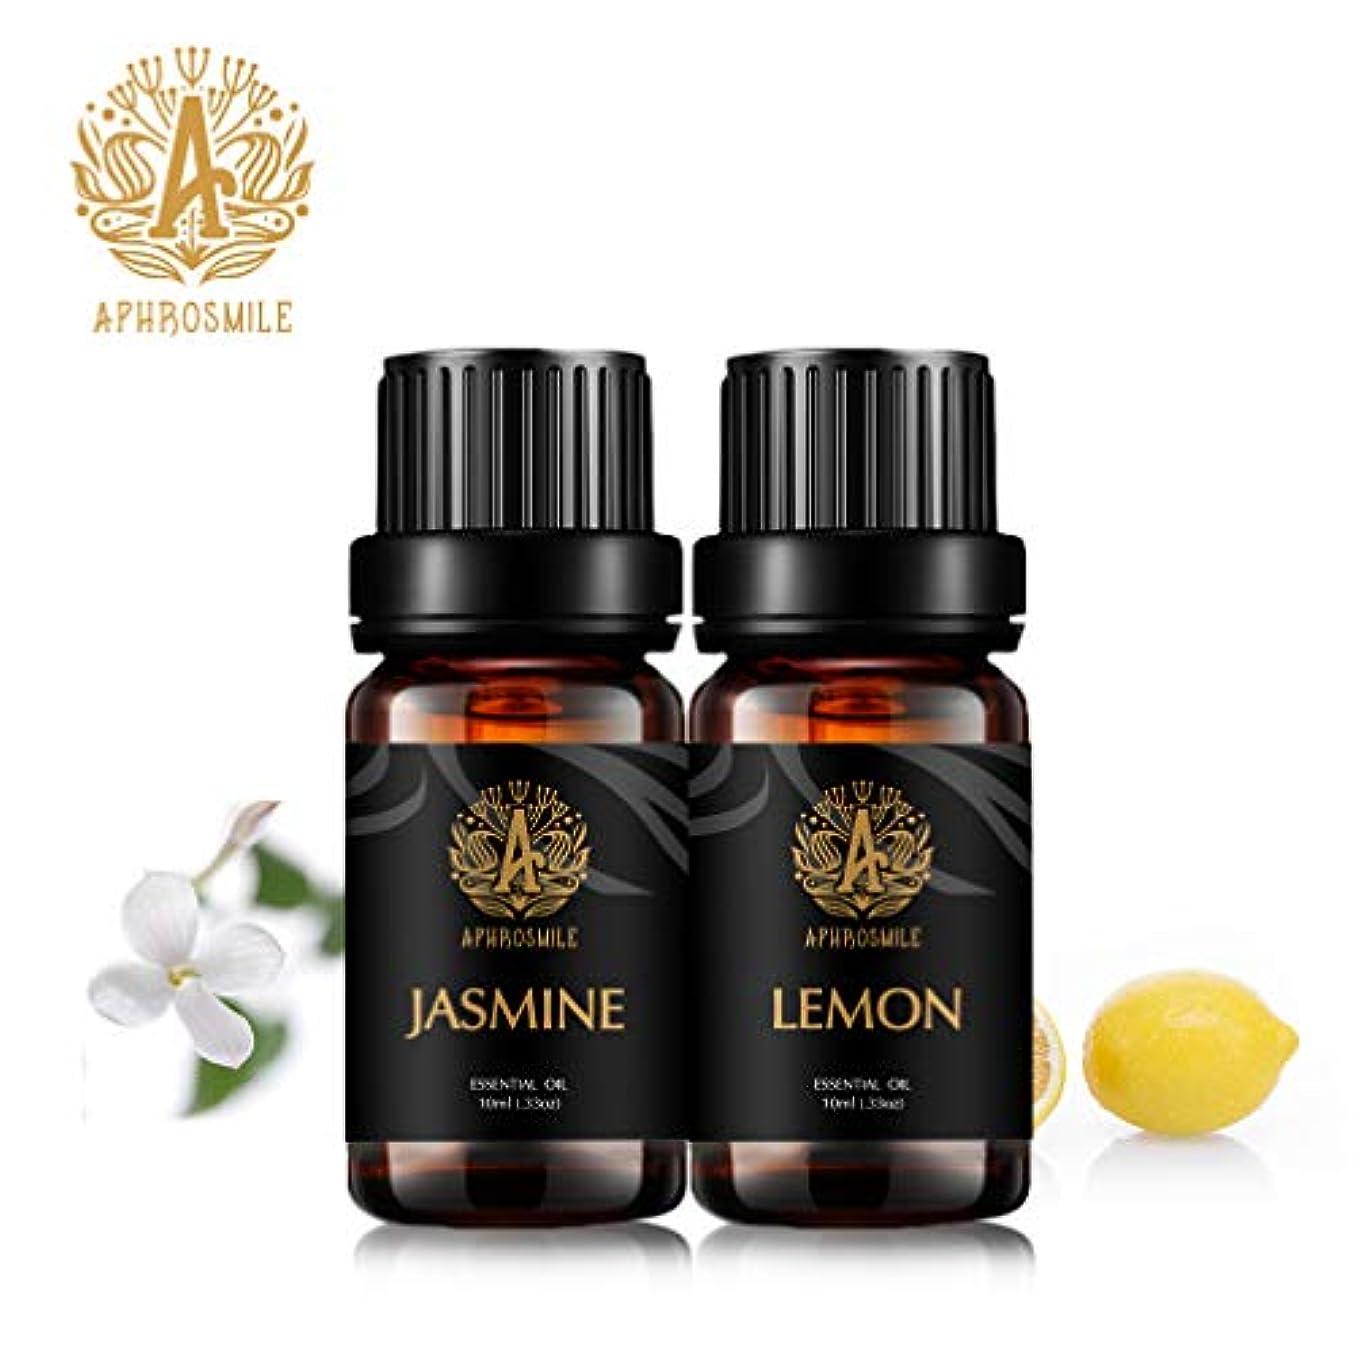 フィドル遷移鈍いAPHORSMILE JP 100% 純粋と天然の精油、レモン/ジャスミン、2 /10mlボトル - 【エッセンシャルオイル】、アロマテラピー/デイリーケア可能